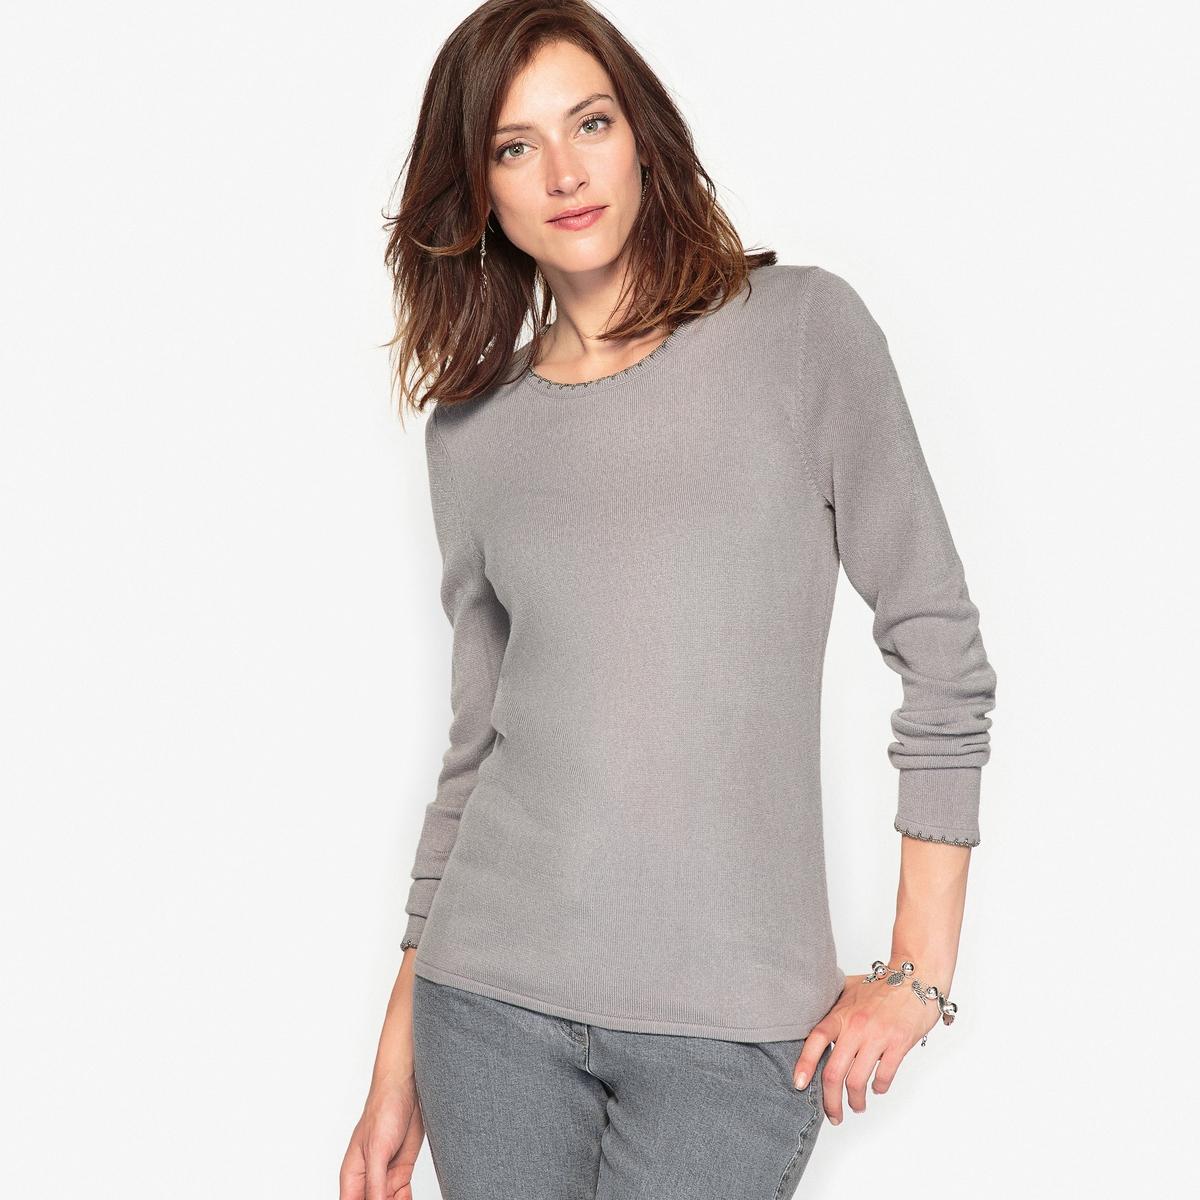 Пуловер из ткани, напоминающей на ощупь кашемир, отделка бусинамиКомфортный пуловер. Красивая отделка краев выреза и рукавов бусинами в тон. Приспущенные проймы. Мягкий трикотаж, напоминающий на ощупь кашемир.Состав и описание : Материал : трикотаж, напоминающий на ощупь кашемир, 100% акрил.Длина 62 см. Марка : Anne WeyburnУход :Машинная стирка при 30 °С в умеренном режиме с изнаночной стороны.Не гладить.<br><br>Цвет: изумрудный,серый,экрю<br>Размер: 50/52 (FR) - 56/58 (RUS).42/44 (FR) - 48/50 (RUS).50/52 (FR) - 56/58 (RUS).38/40 (FR) - 44/46 (RUS)